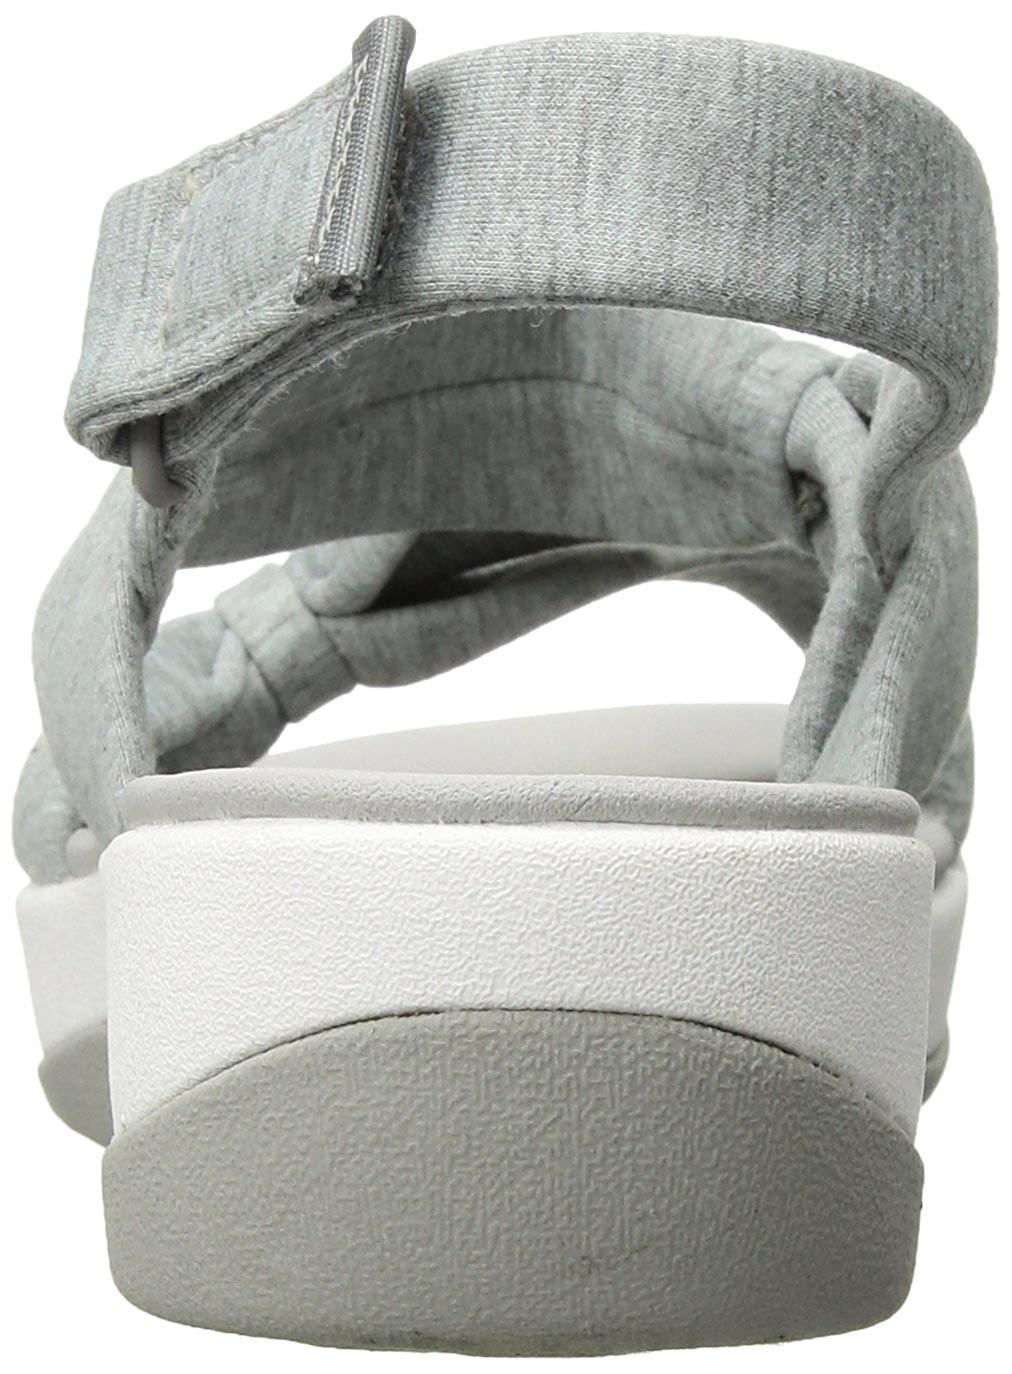 32e87d4d141 CLARKS Women s Arla Primrose Sandal